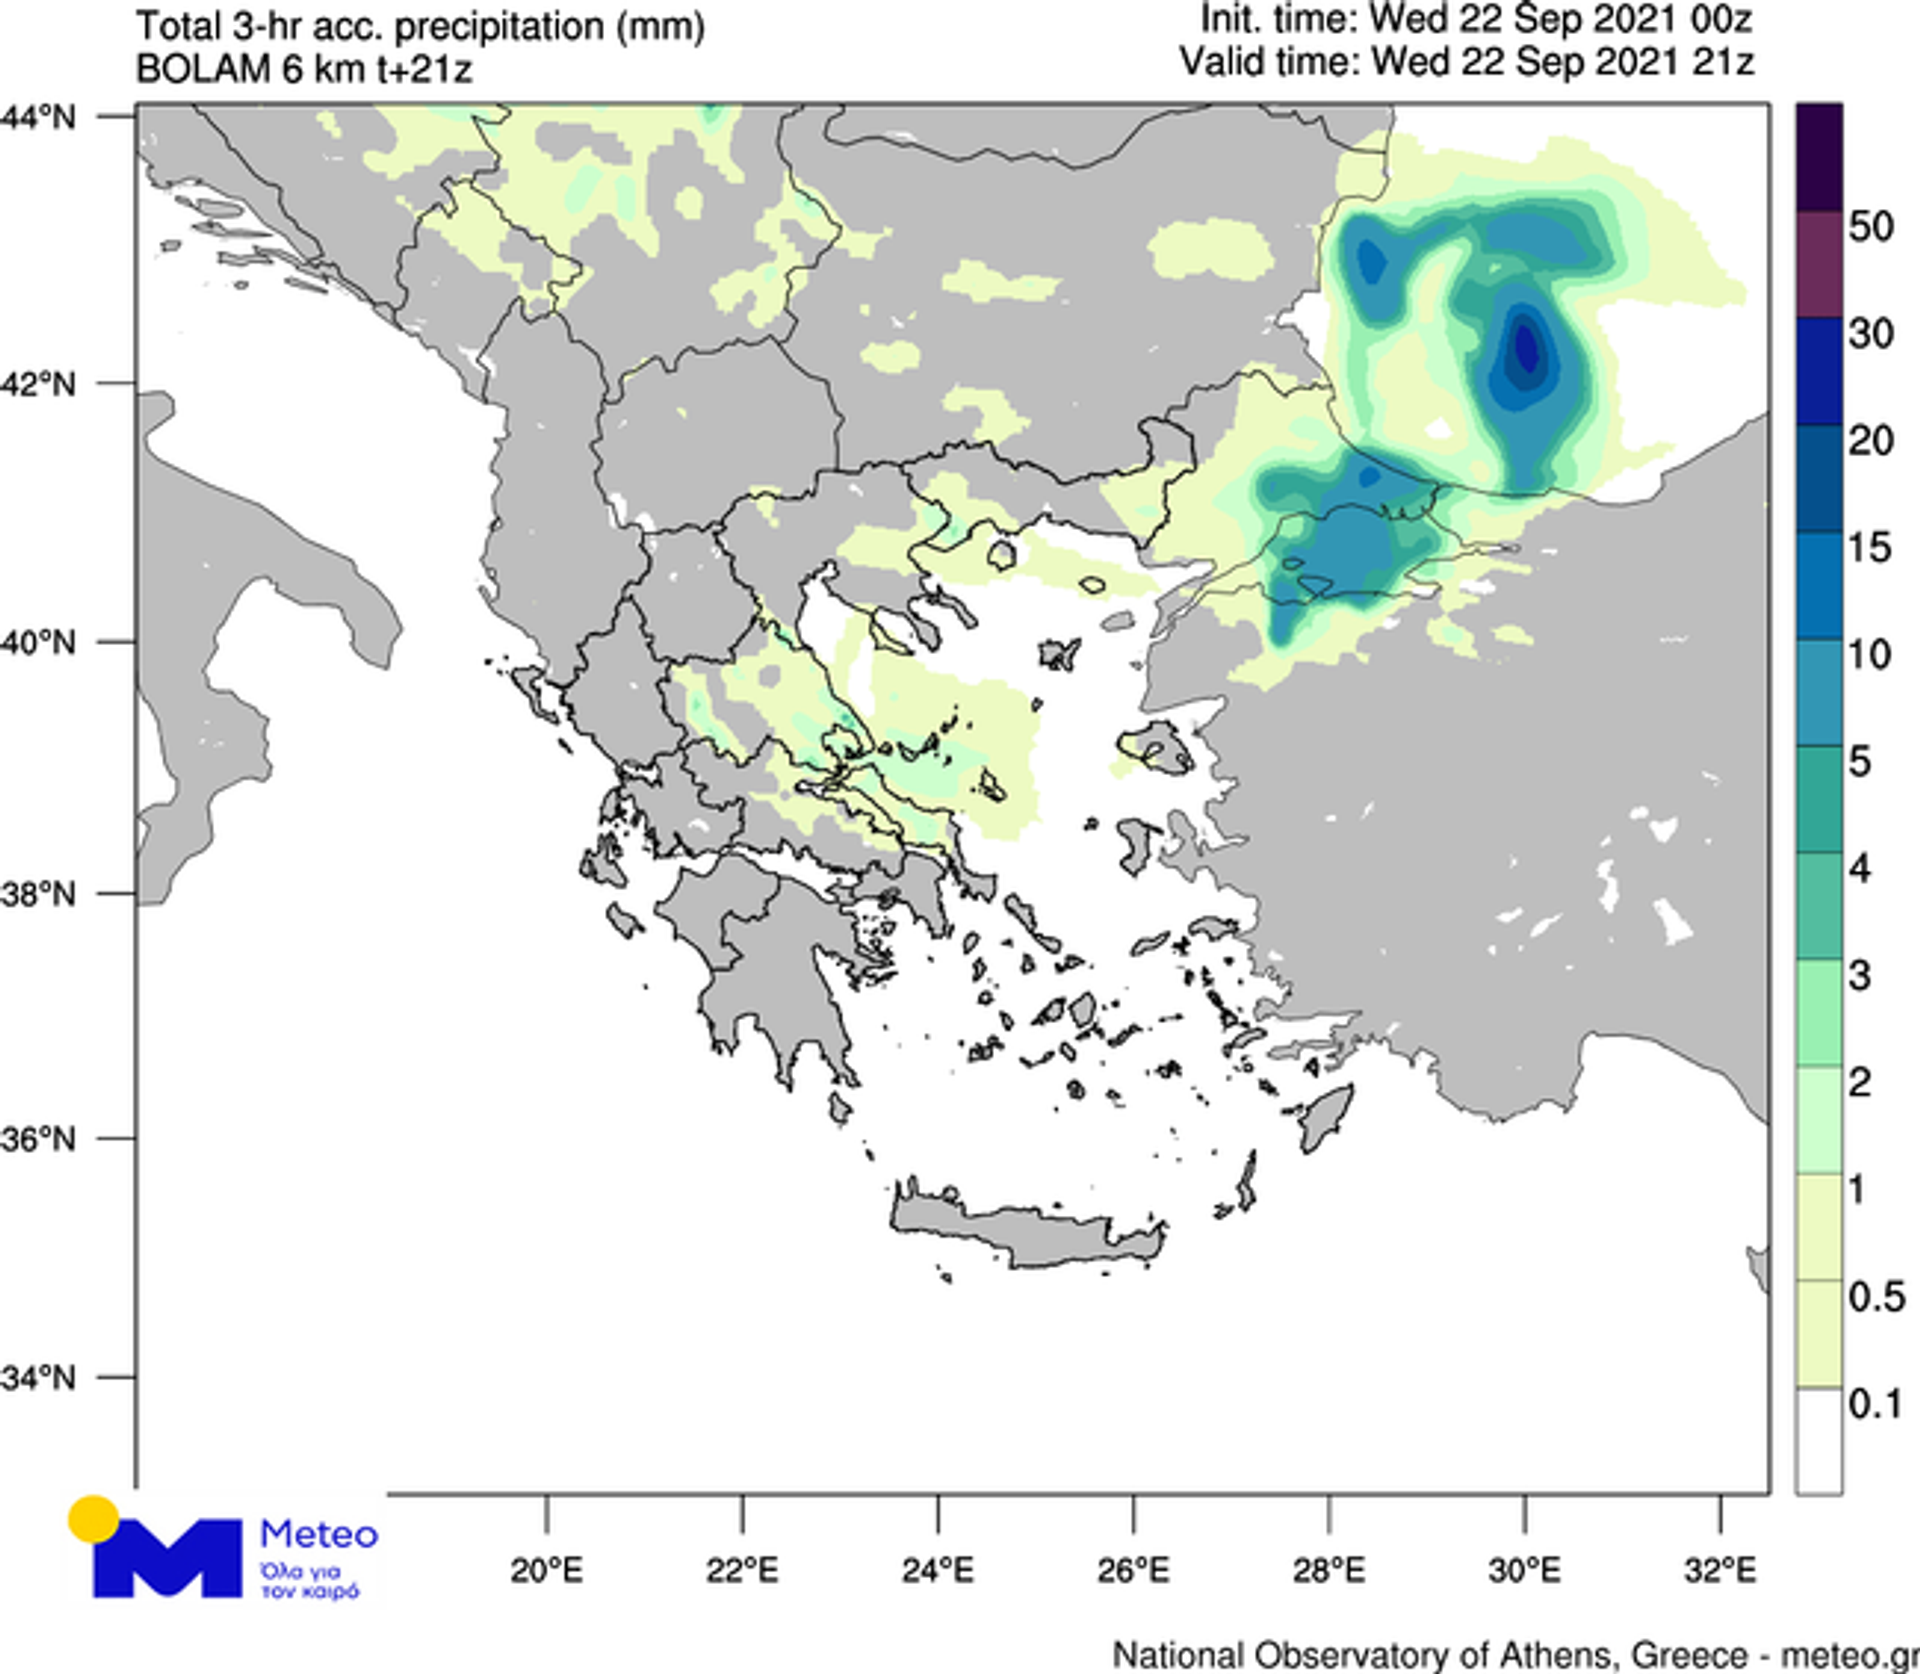 Εκτιμώμενα ύψη βροχής για τις βραδινές ώρες της Τετάρτης 22/09/2021 (21:00 – 00:00) - Sputnik Ελλάδα, 1920, 22.09.2021